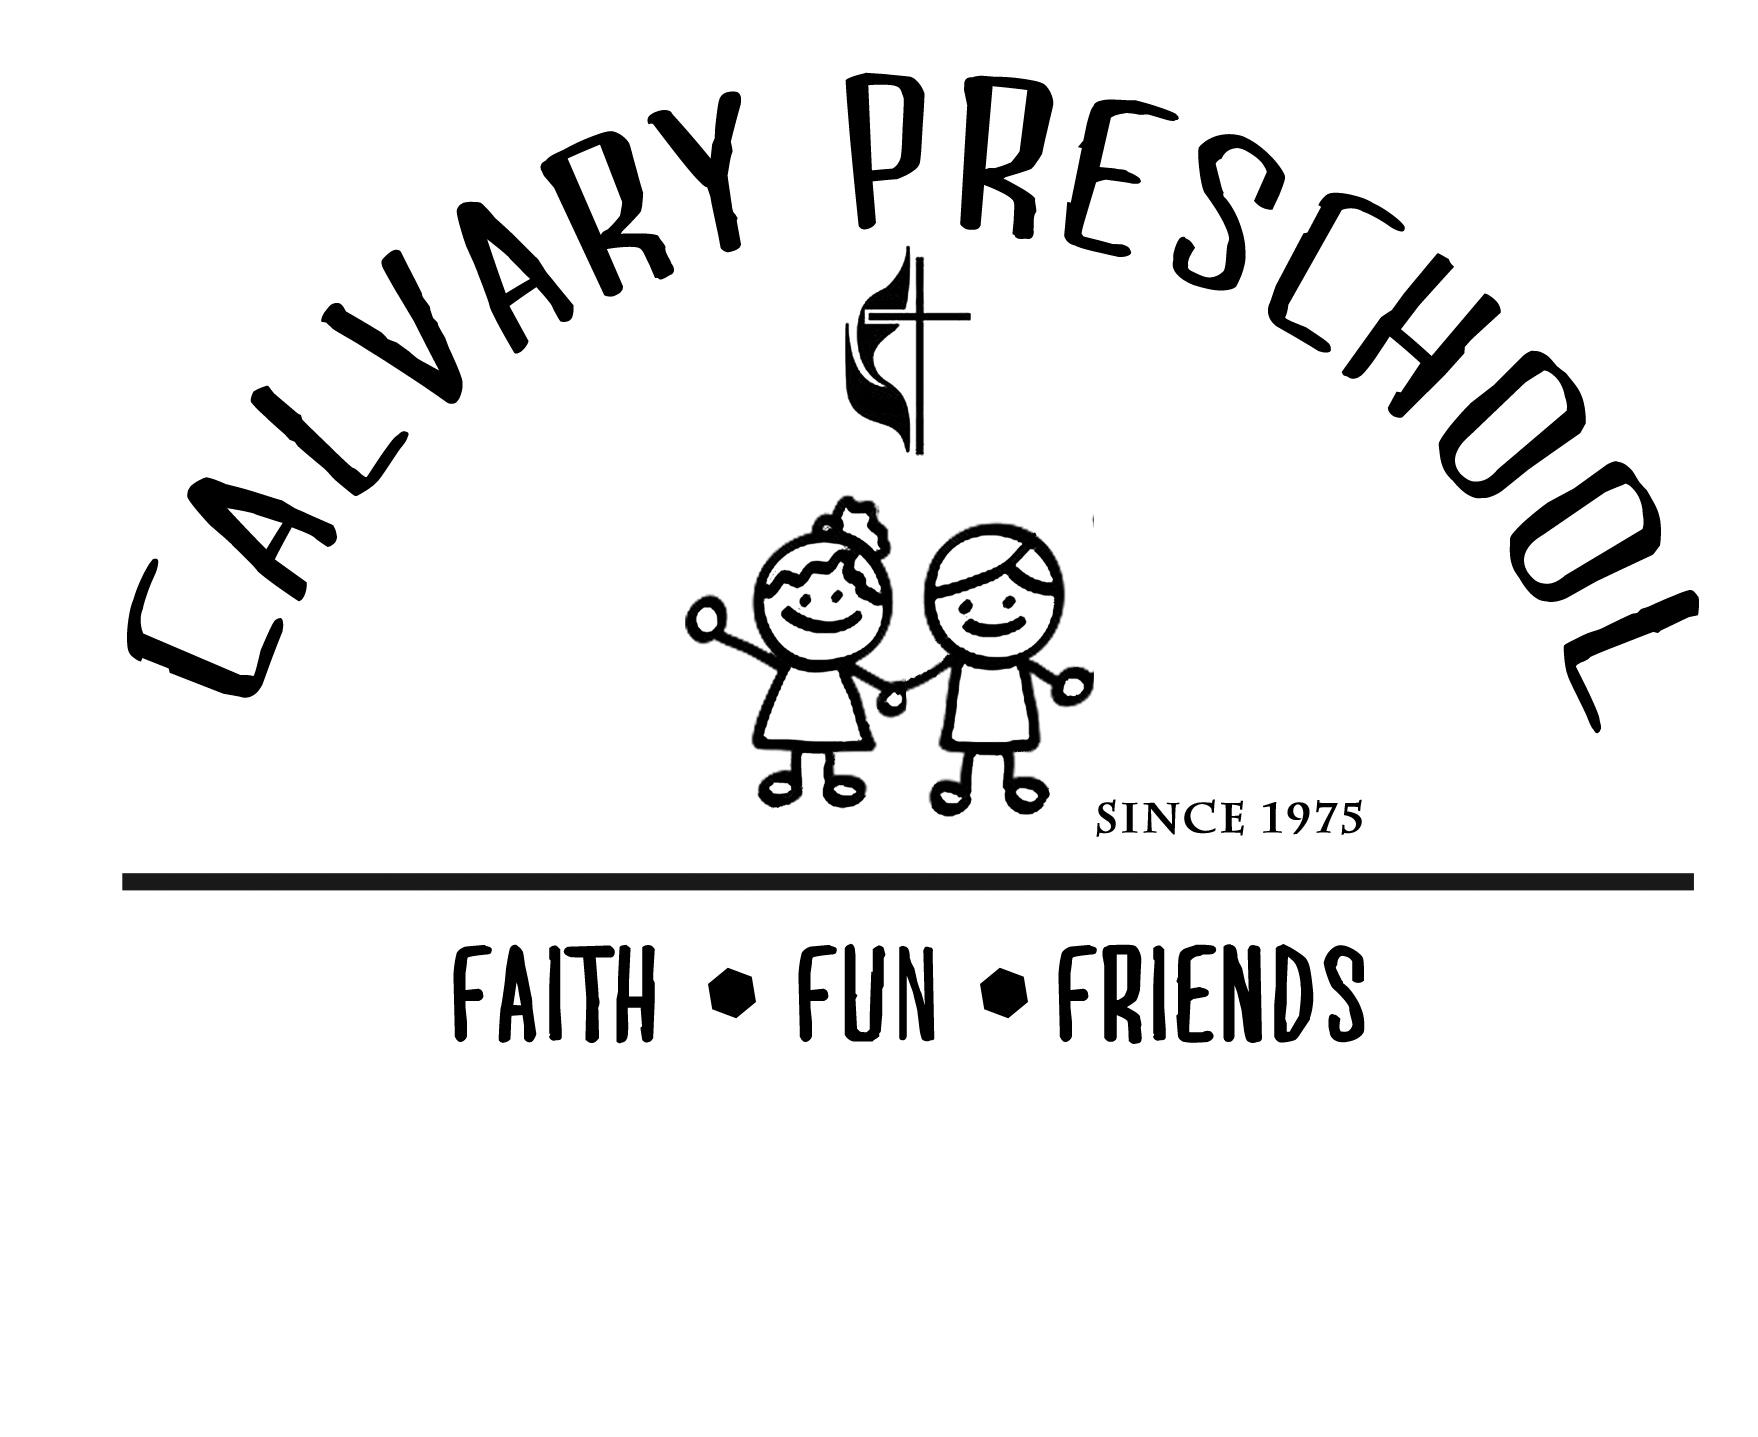 Calvary Preschool Colorado Springs